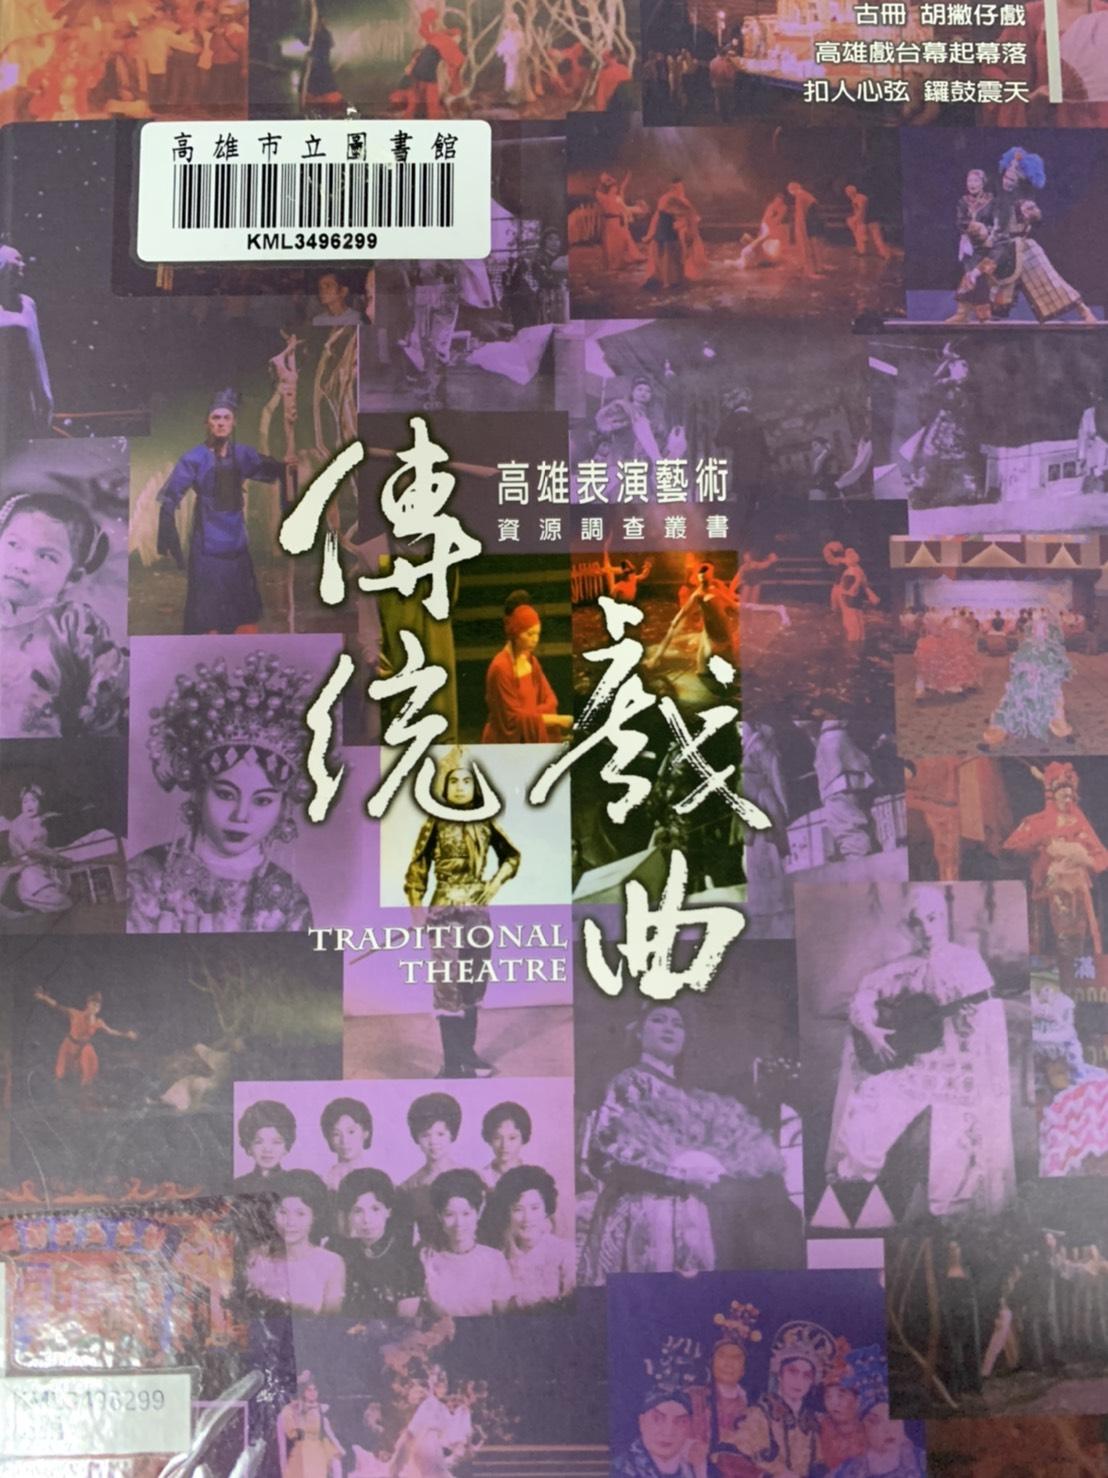 傳統戲曲 : 高雄表演藝術資源調查叢書(另開視窗)